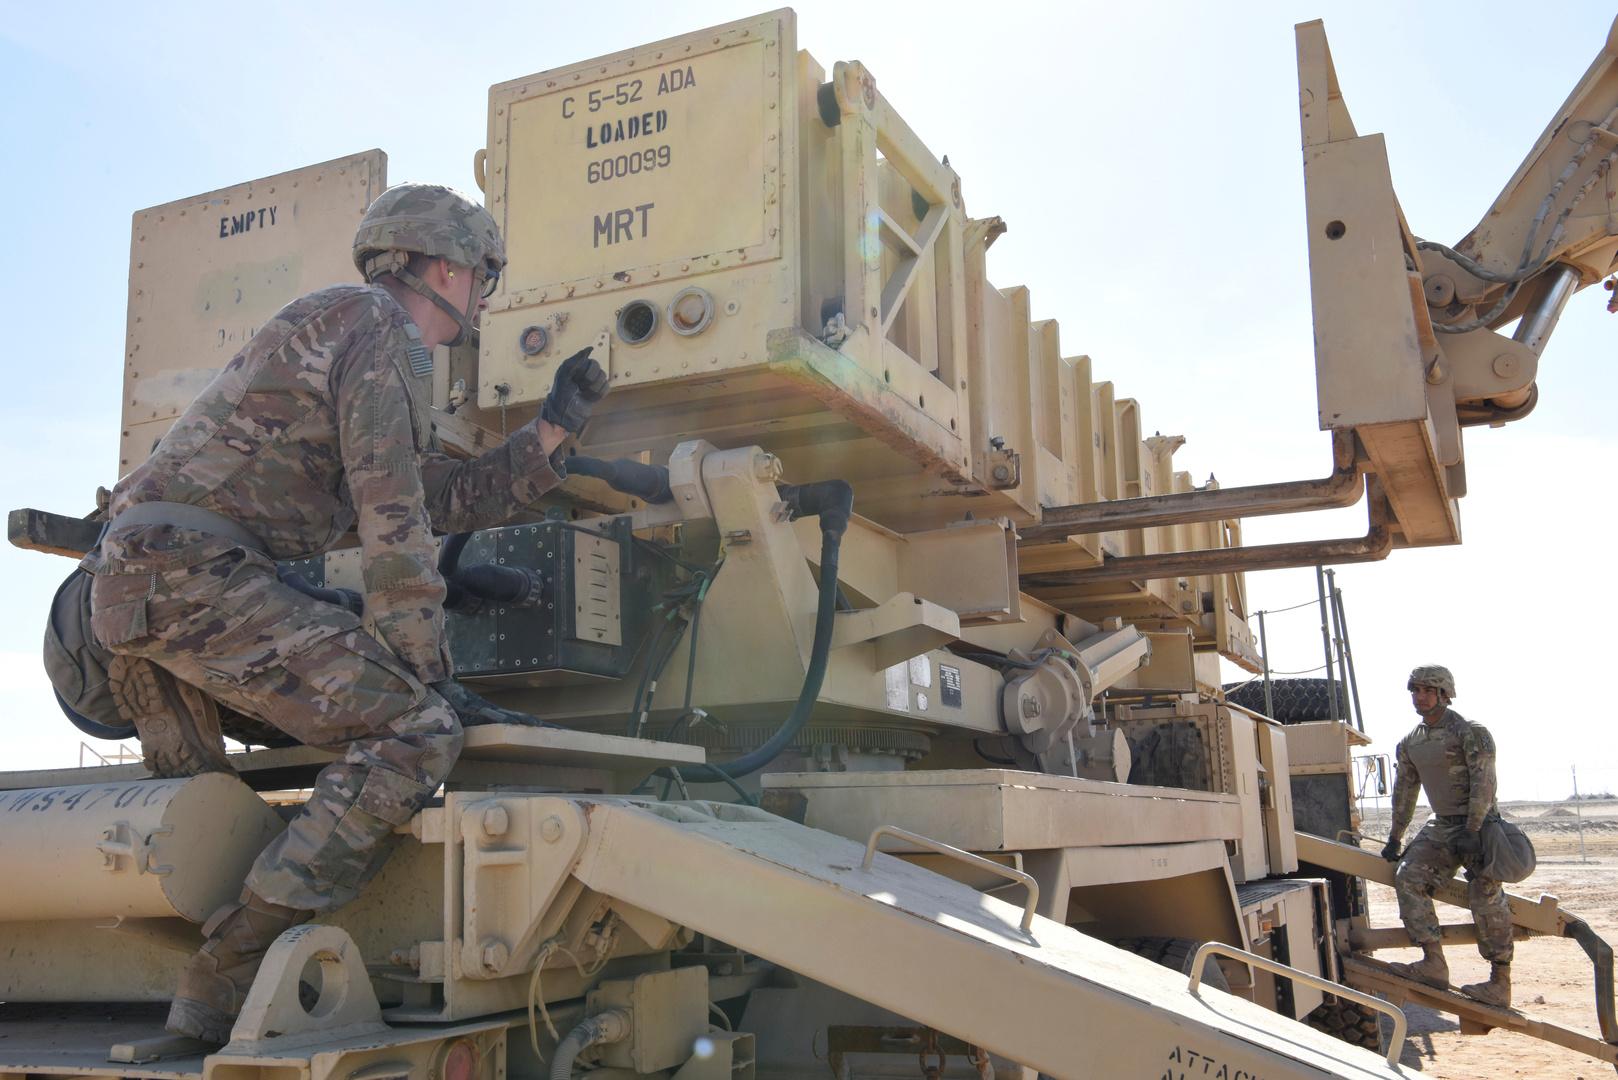 تقرير: واشنطن تسحب بعض القوات من الخليج وتدرس خيارات لحماية السعودية